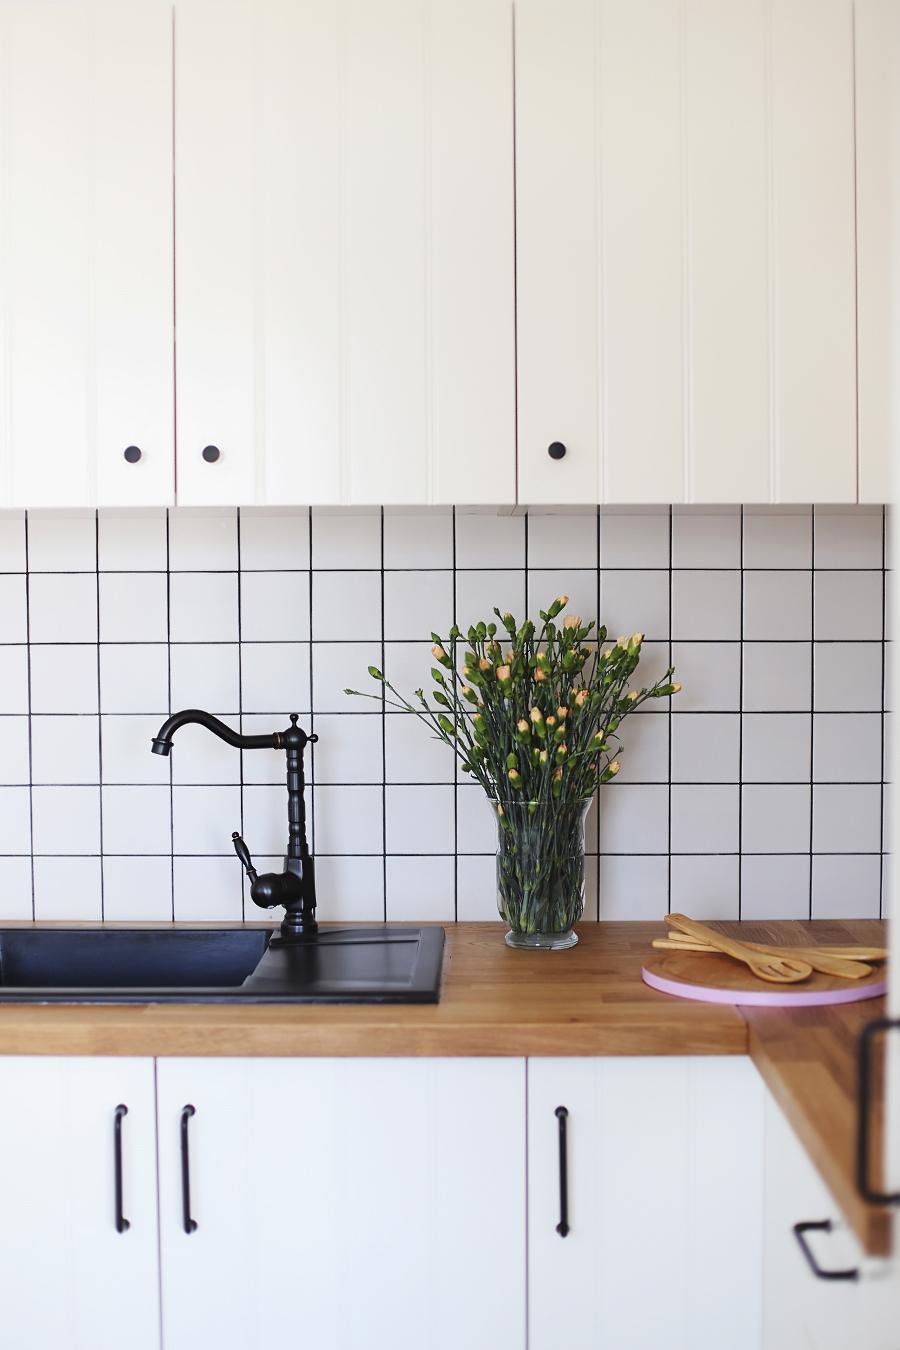 Kuchnia Ikea Hittarp, retro bateria, świeże kwiaty, kwadratowe płytki